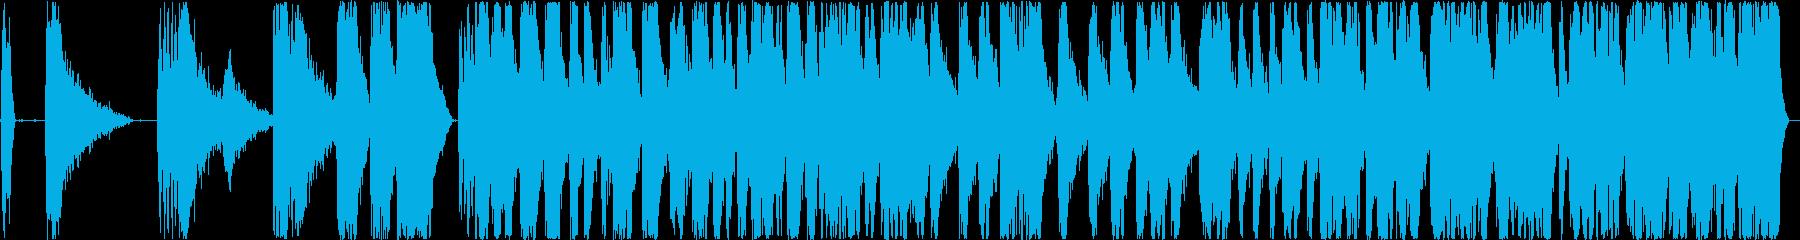 レーザーの戦いは複数のアーケードを撃ったの再生済みの波形